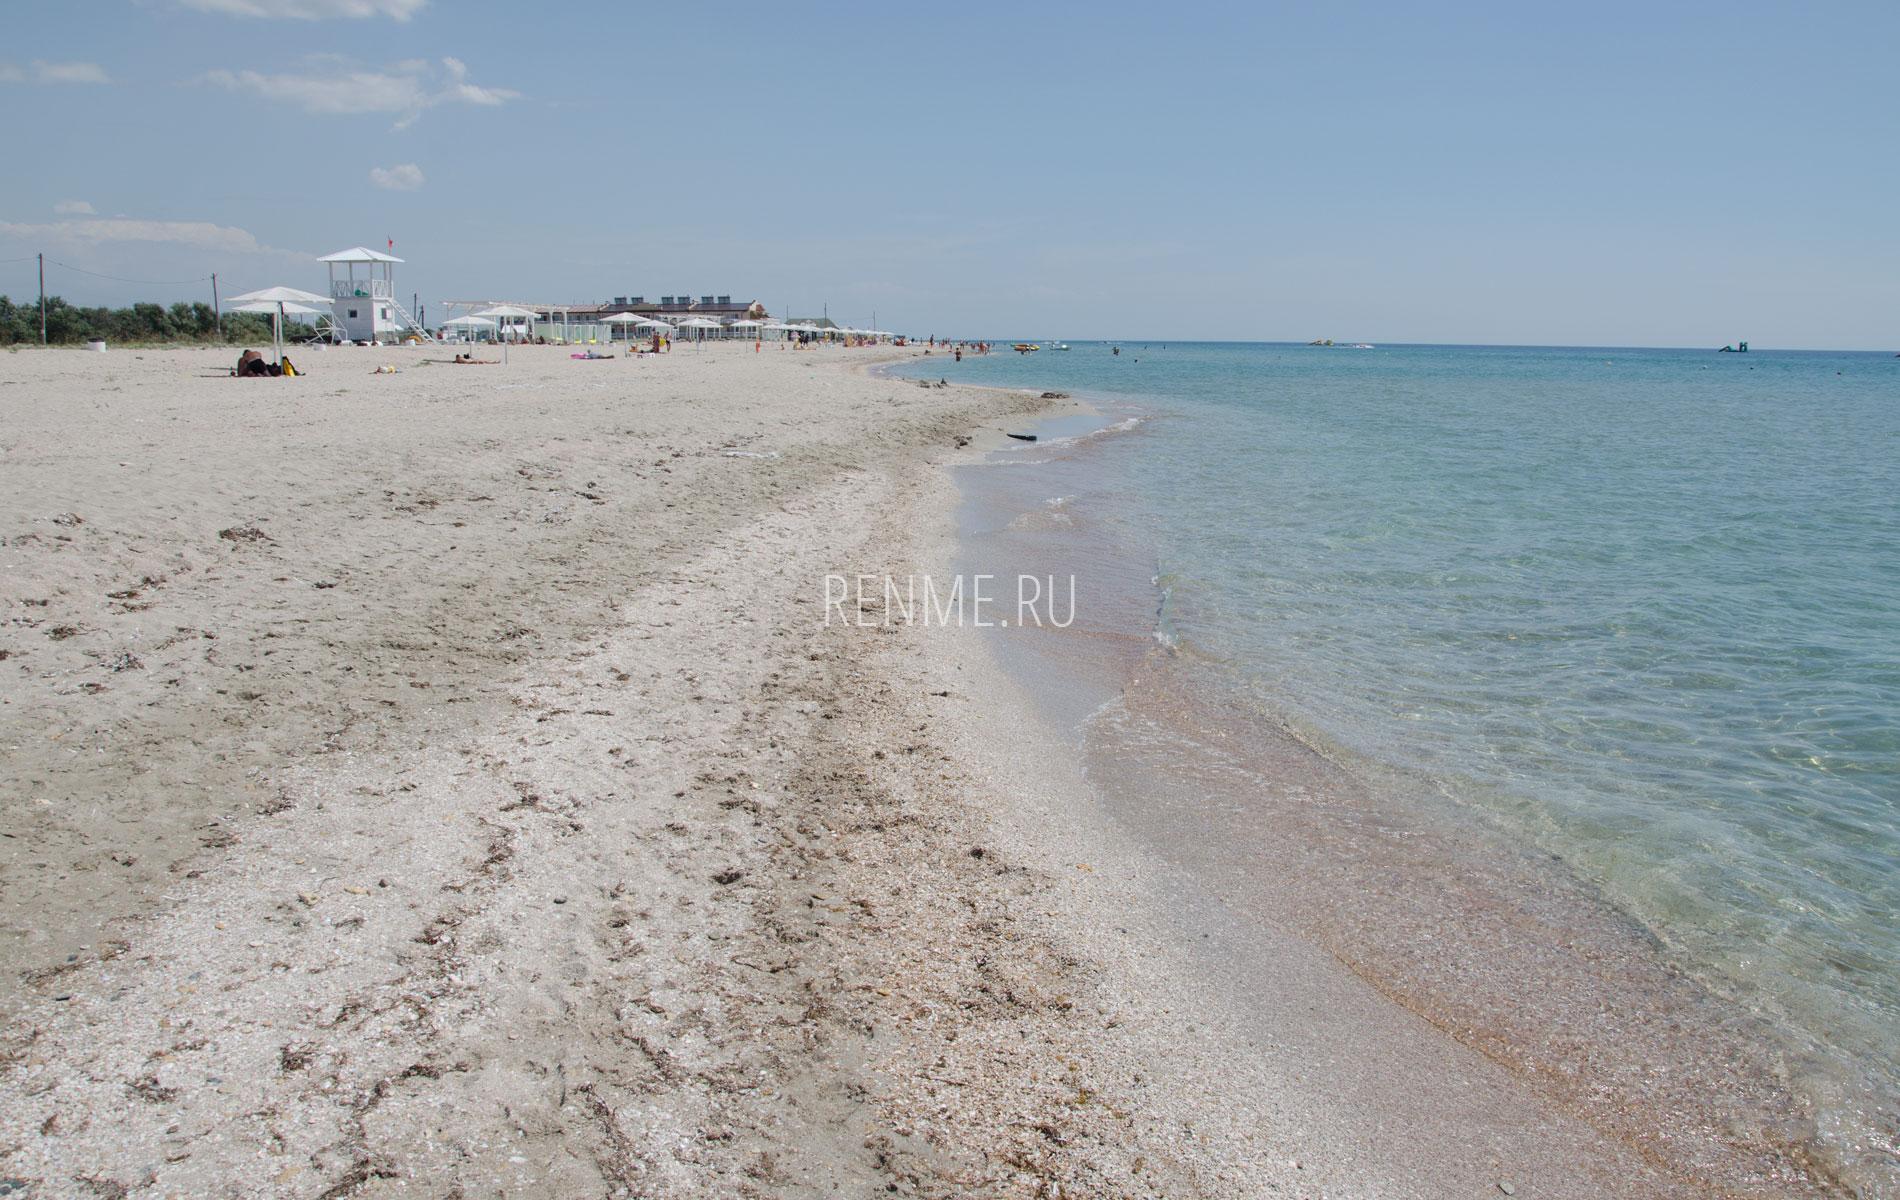 """Пляж """"Вега"""" в Штормовом 2019. Фото Штормового"""